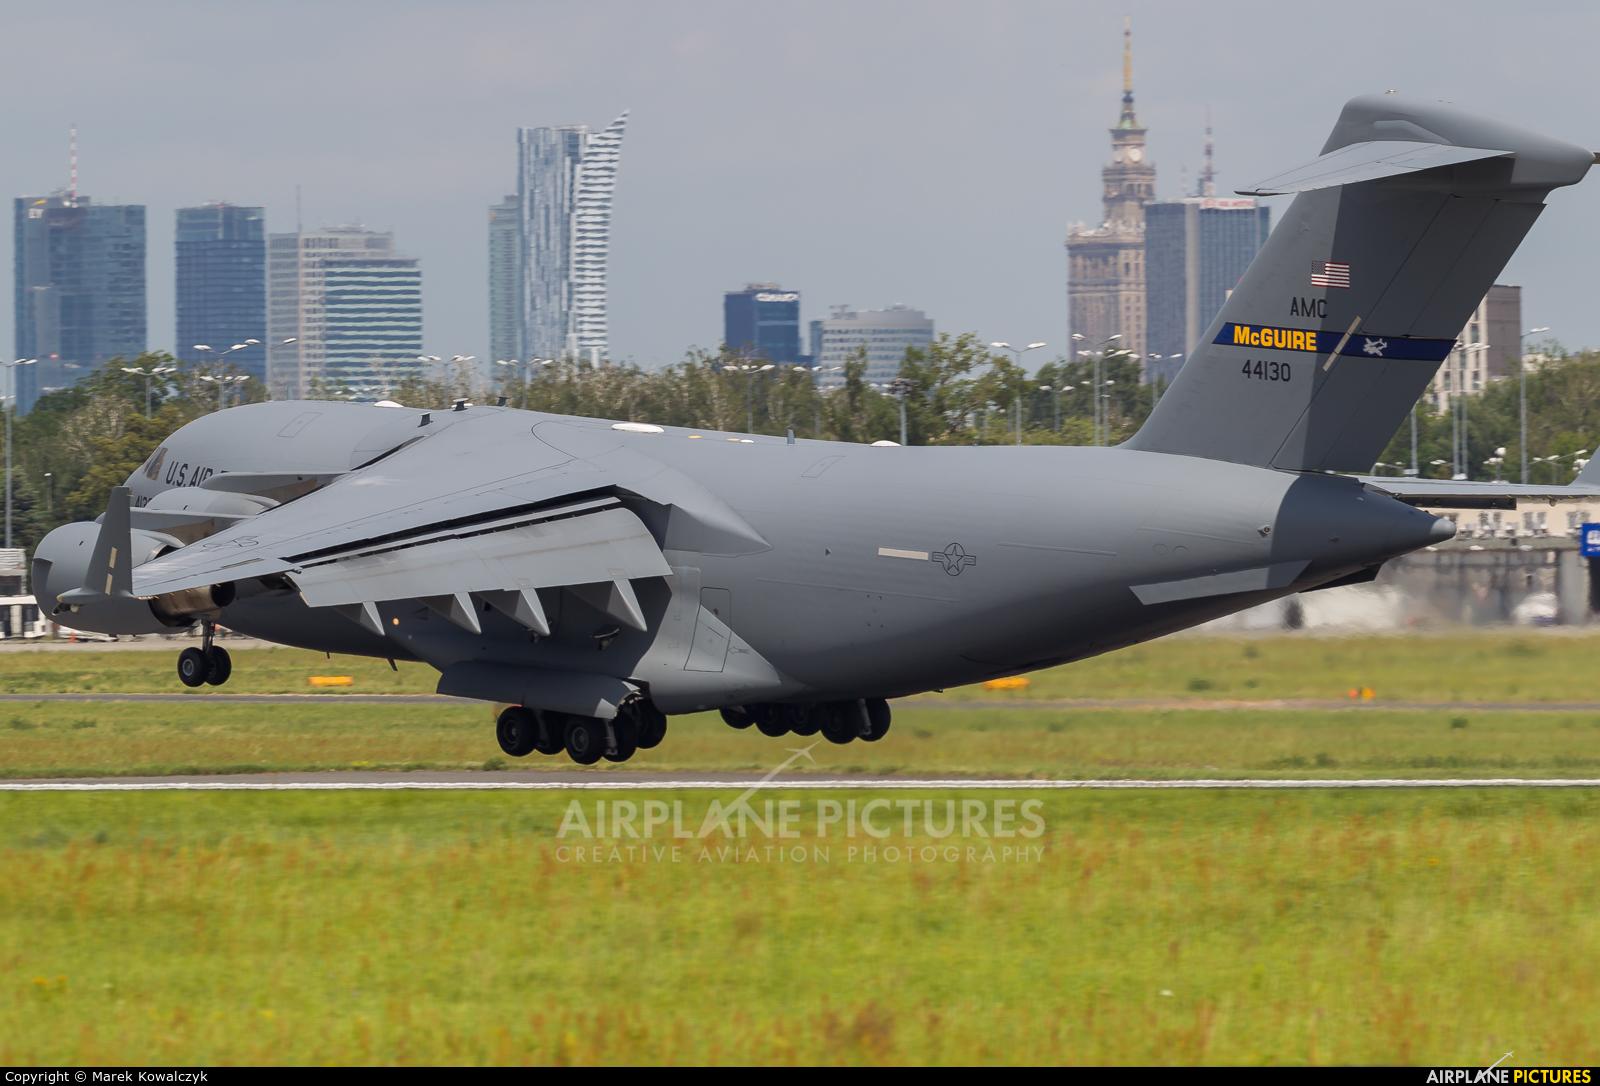 USA - Air Force 04-4130 aircraft at Warsaw - Frederic Chopin